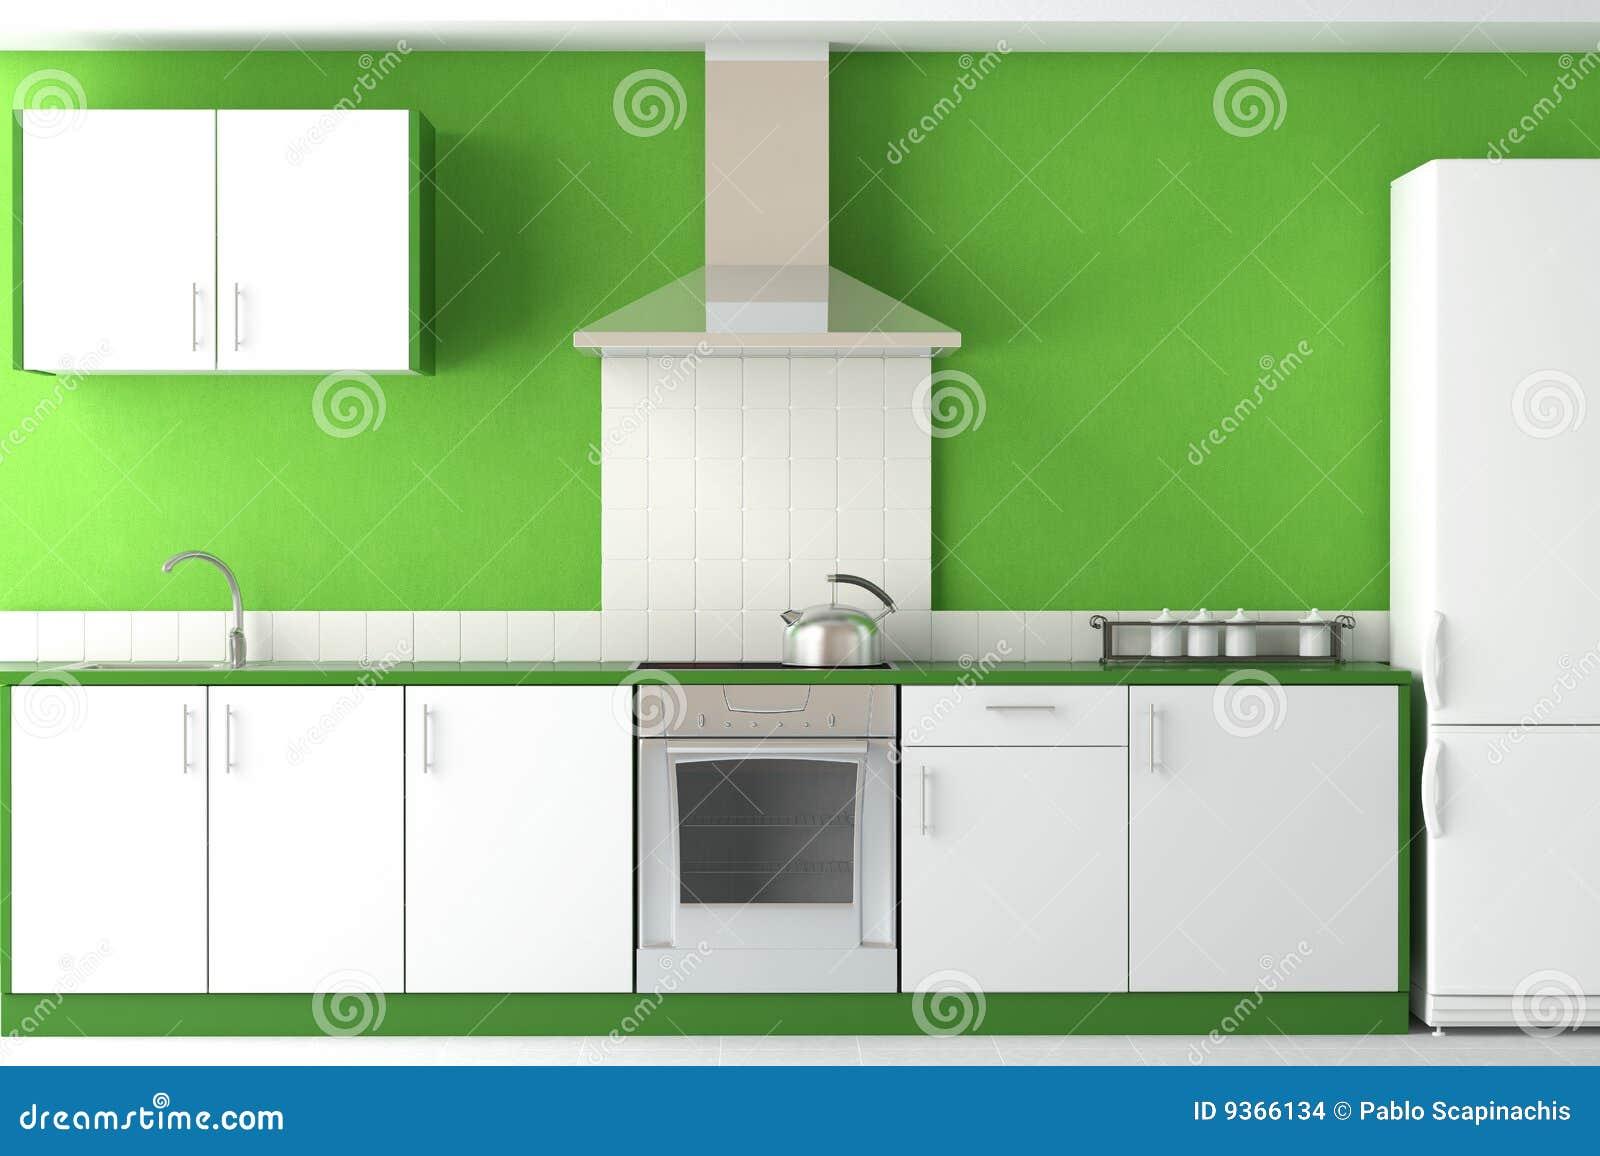 Interior design of modern green kitchen stock images for Modern green kitchen designs